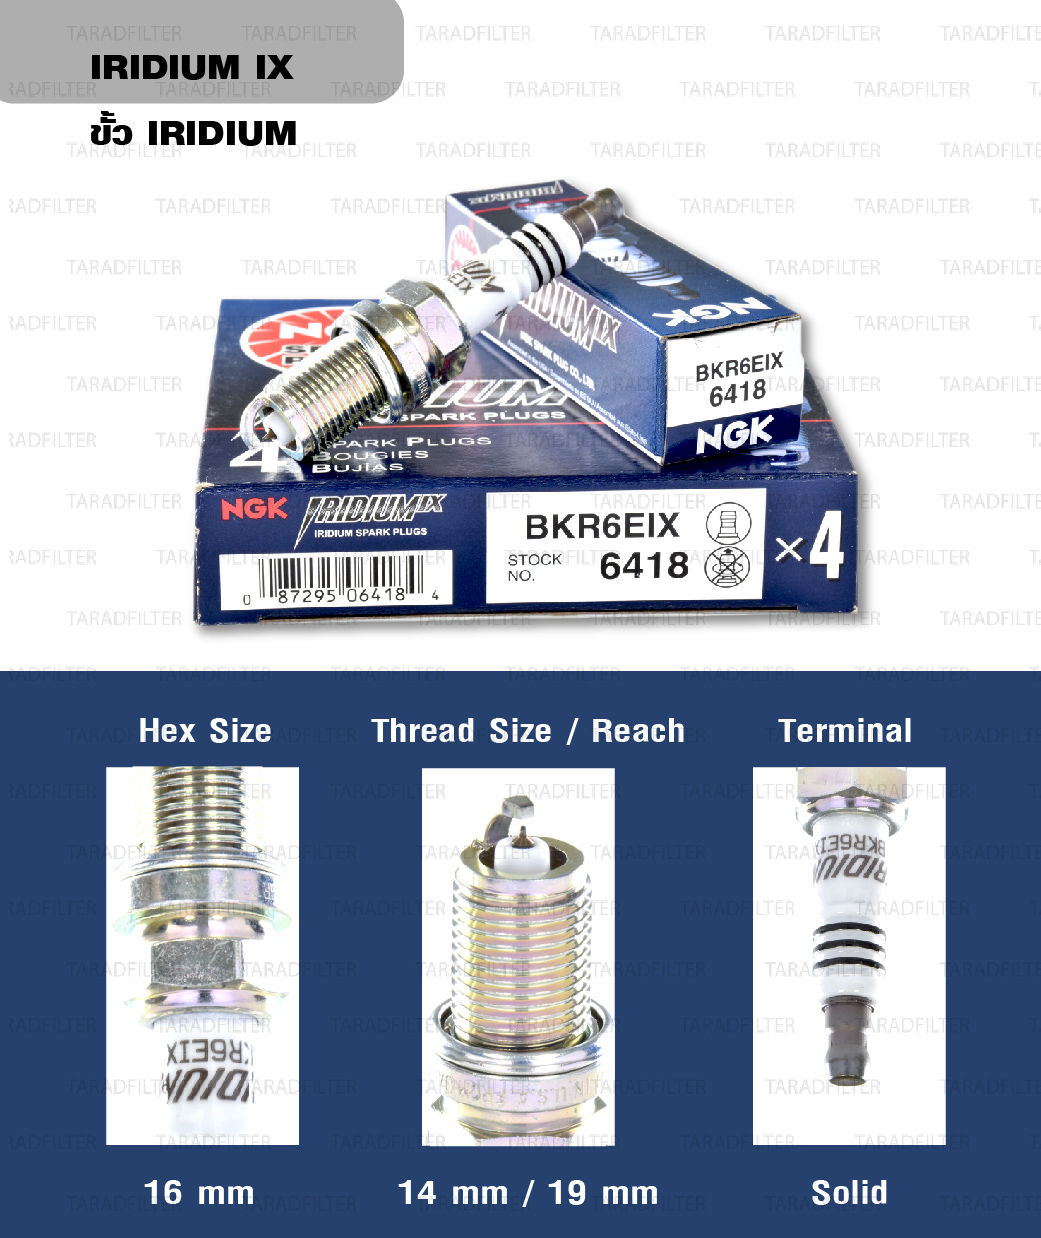 หัวเทียน NGK BKR6EIX ขั้ว Iridium ใช้สำหรับ Chevrolet Optra 1.6, 1.8 (1 หัว)